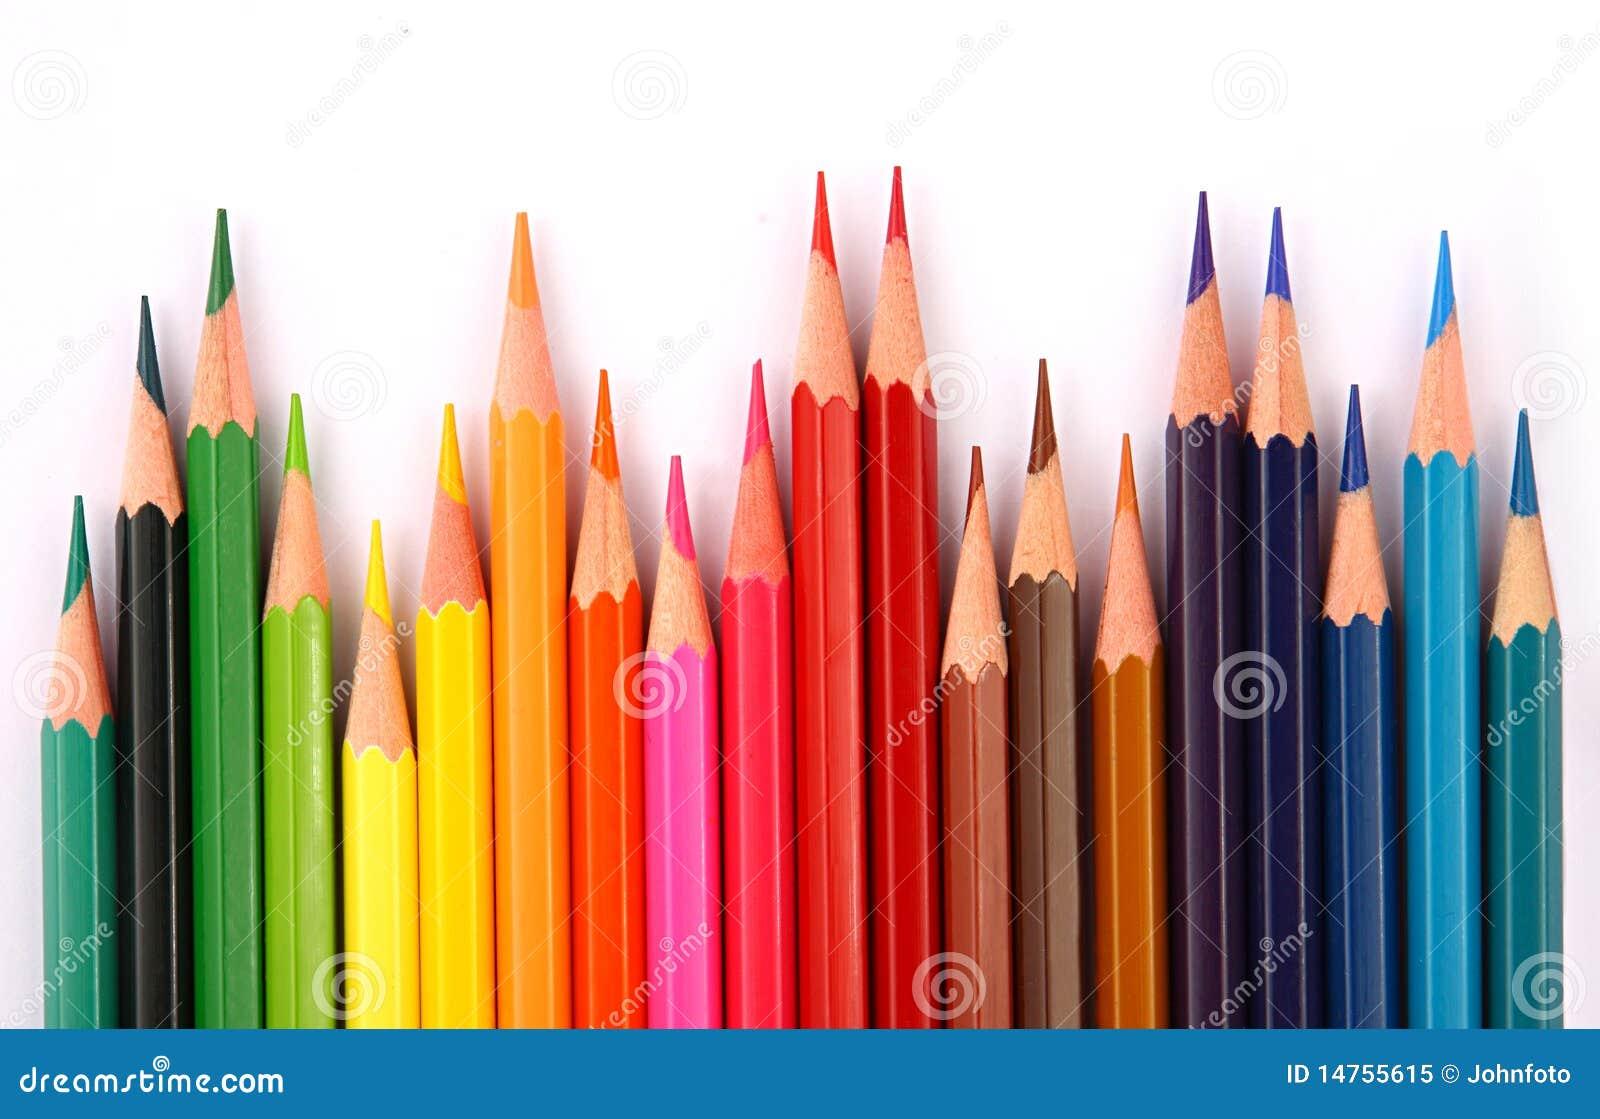 crayons de couleur photo libre de droits image 14755615. Black Bedroom Furniture Sets. Home Design Ideas